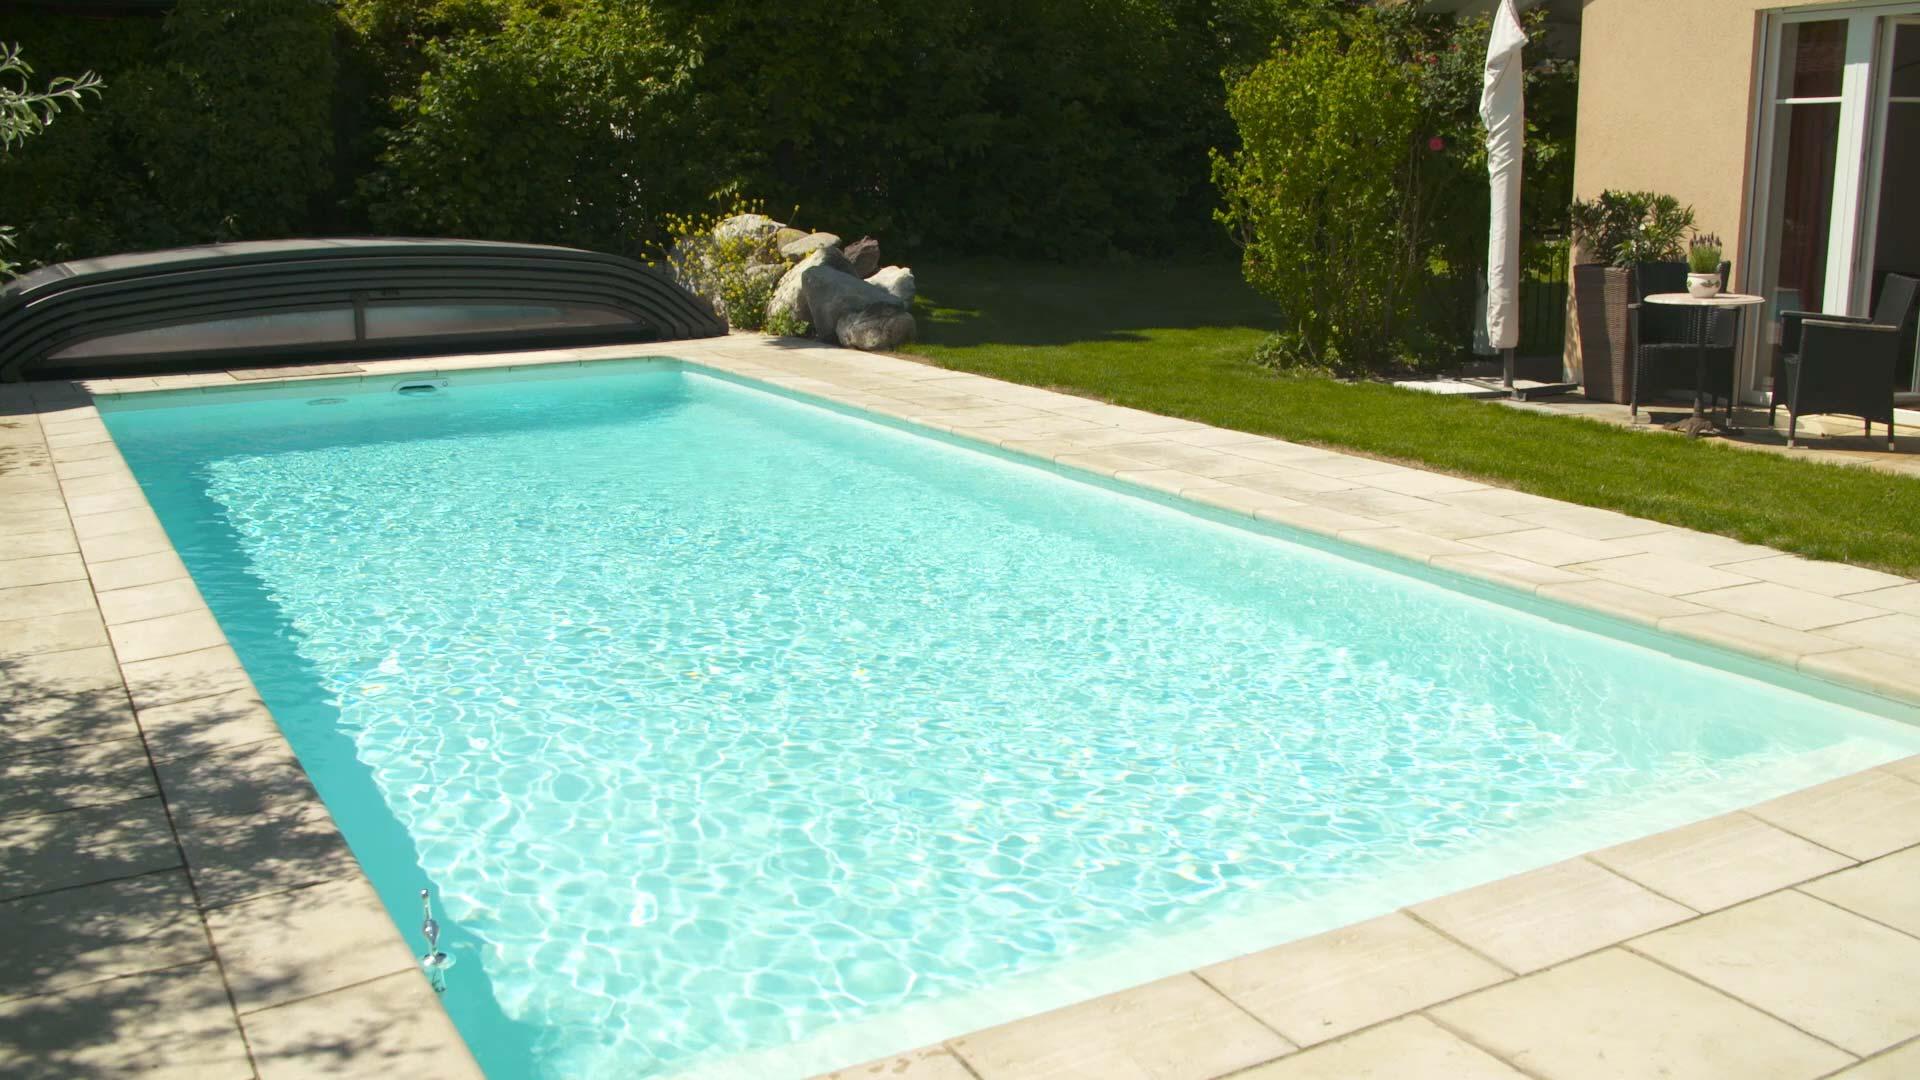 Filtertechnik für klares Wasser im Swimmingpool